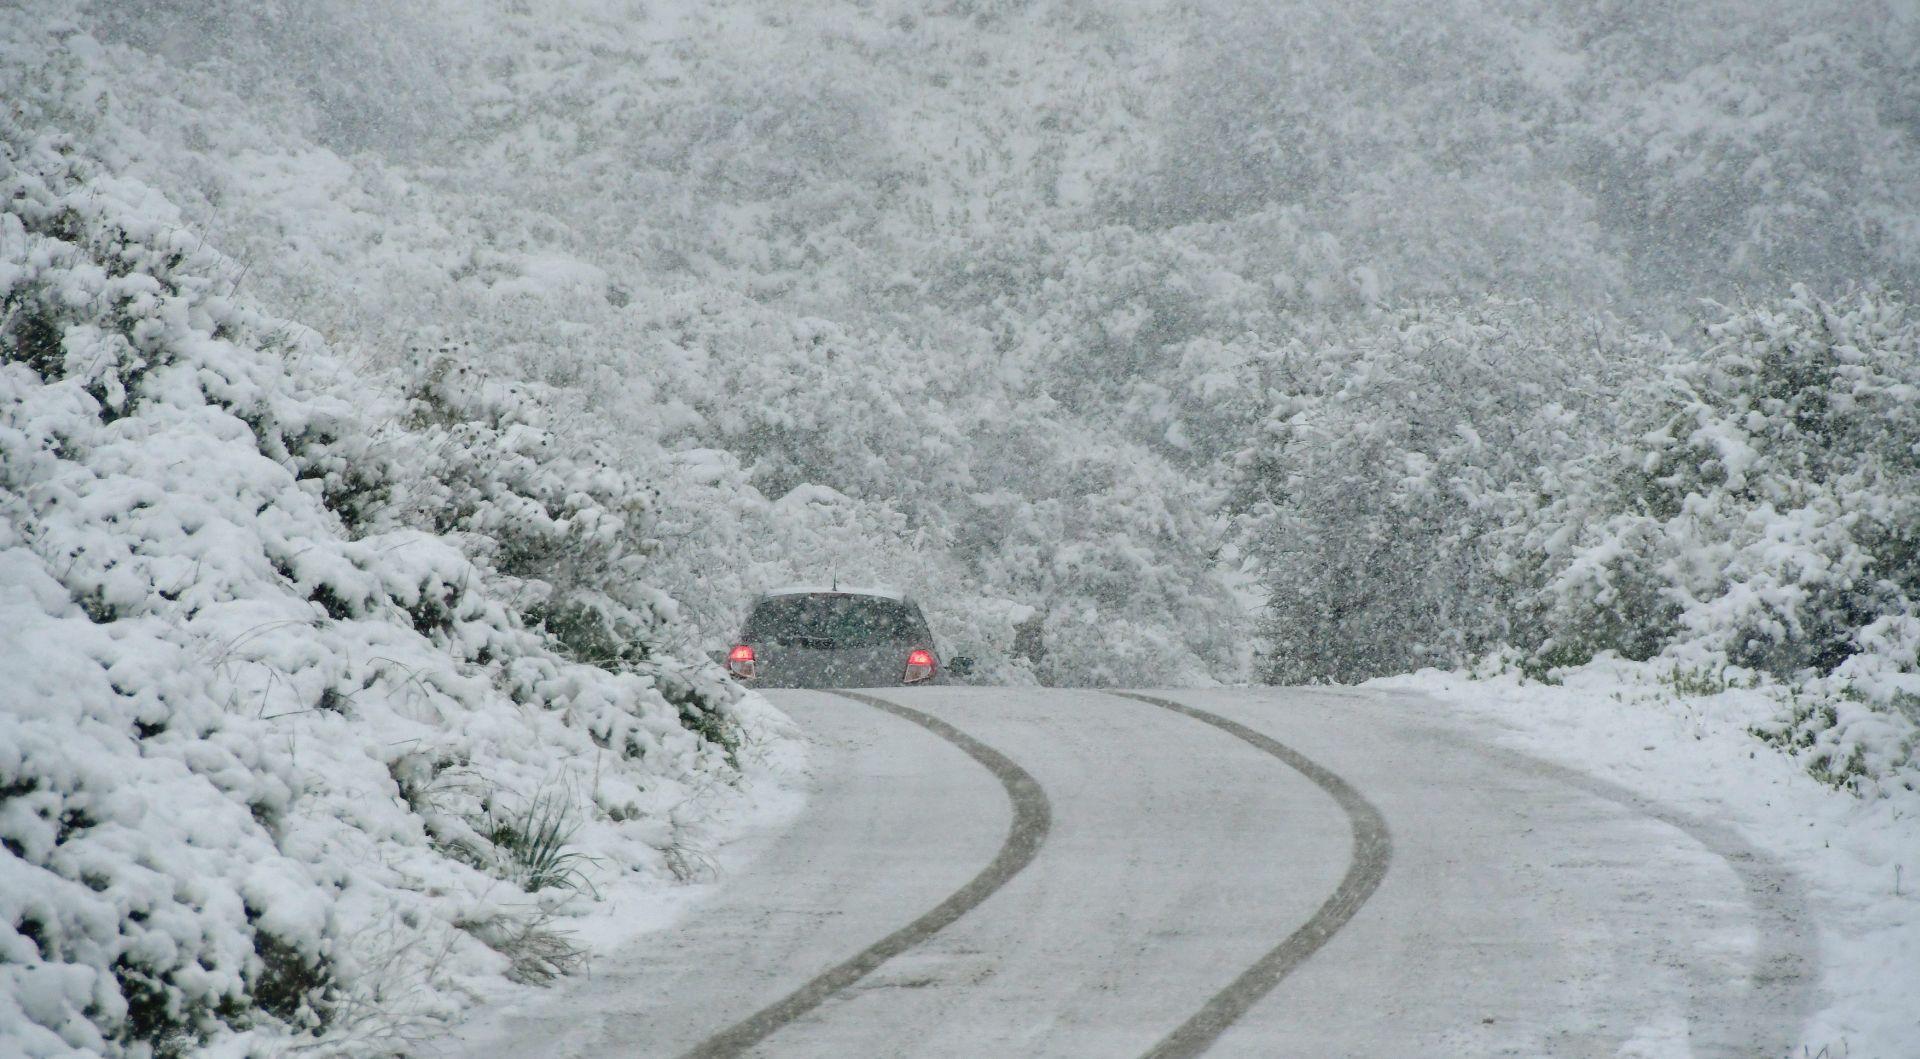 Obavezna zimska oprema u Lici, prekinut promet u Ivankovu